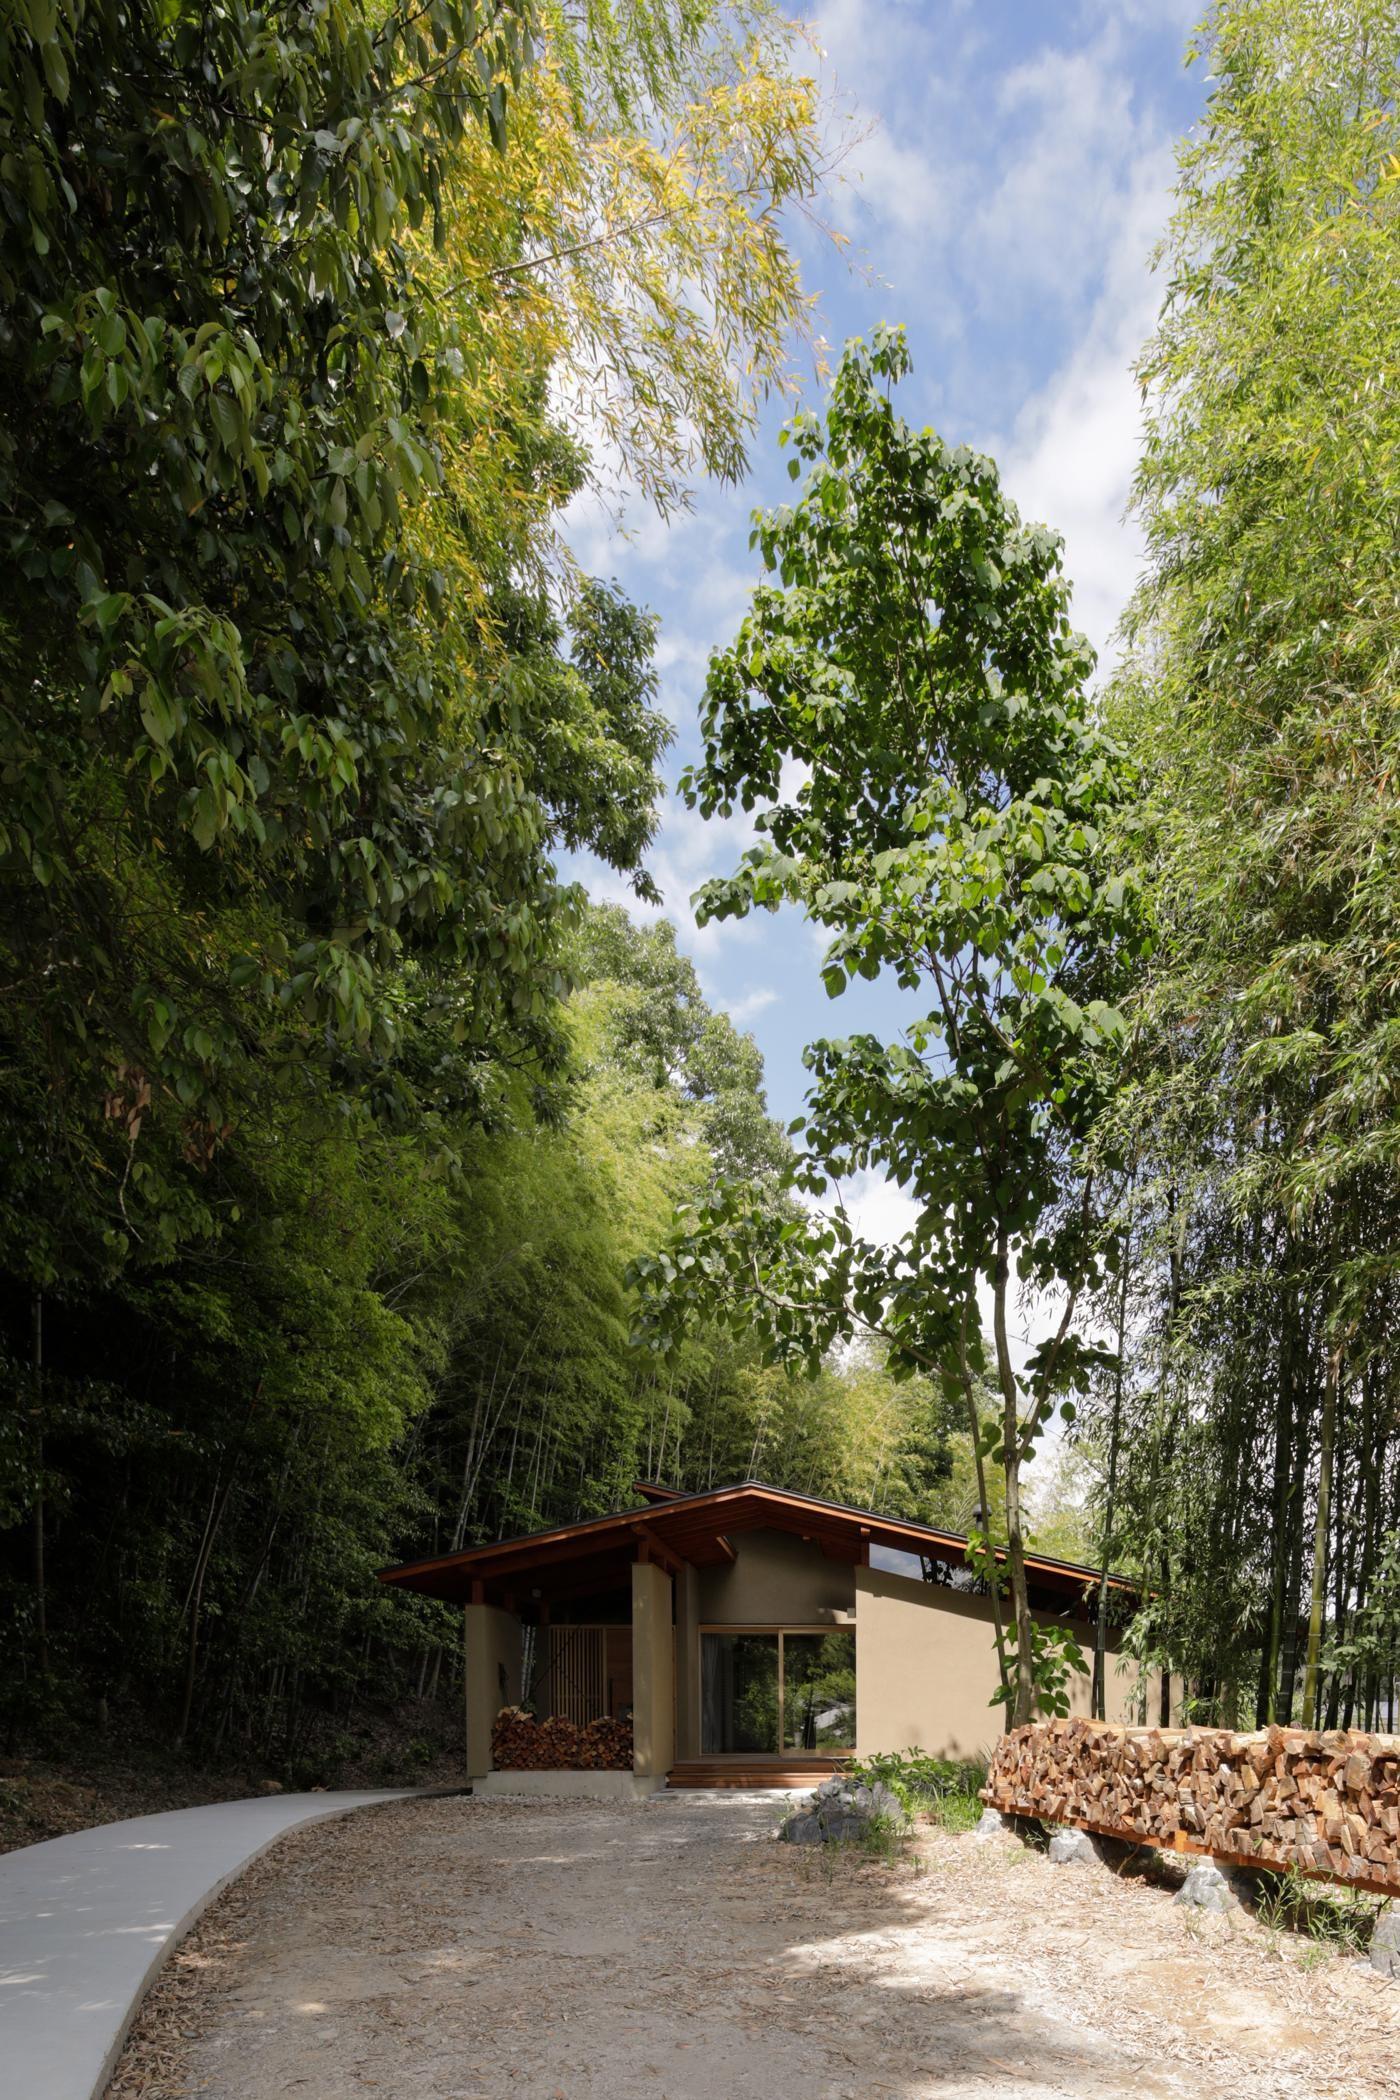 外観事例:竹林の間を抜けていくアプローチ(竹林の家/里山と竹林に囲まれながら田園風景を見渡す大らかな住まい)